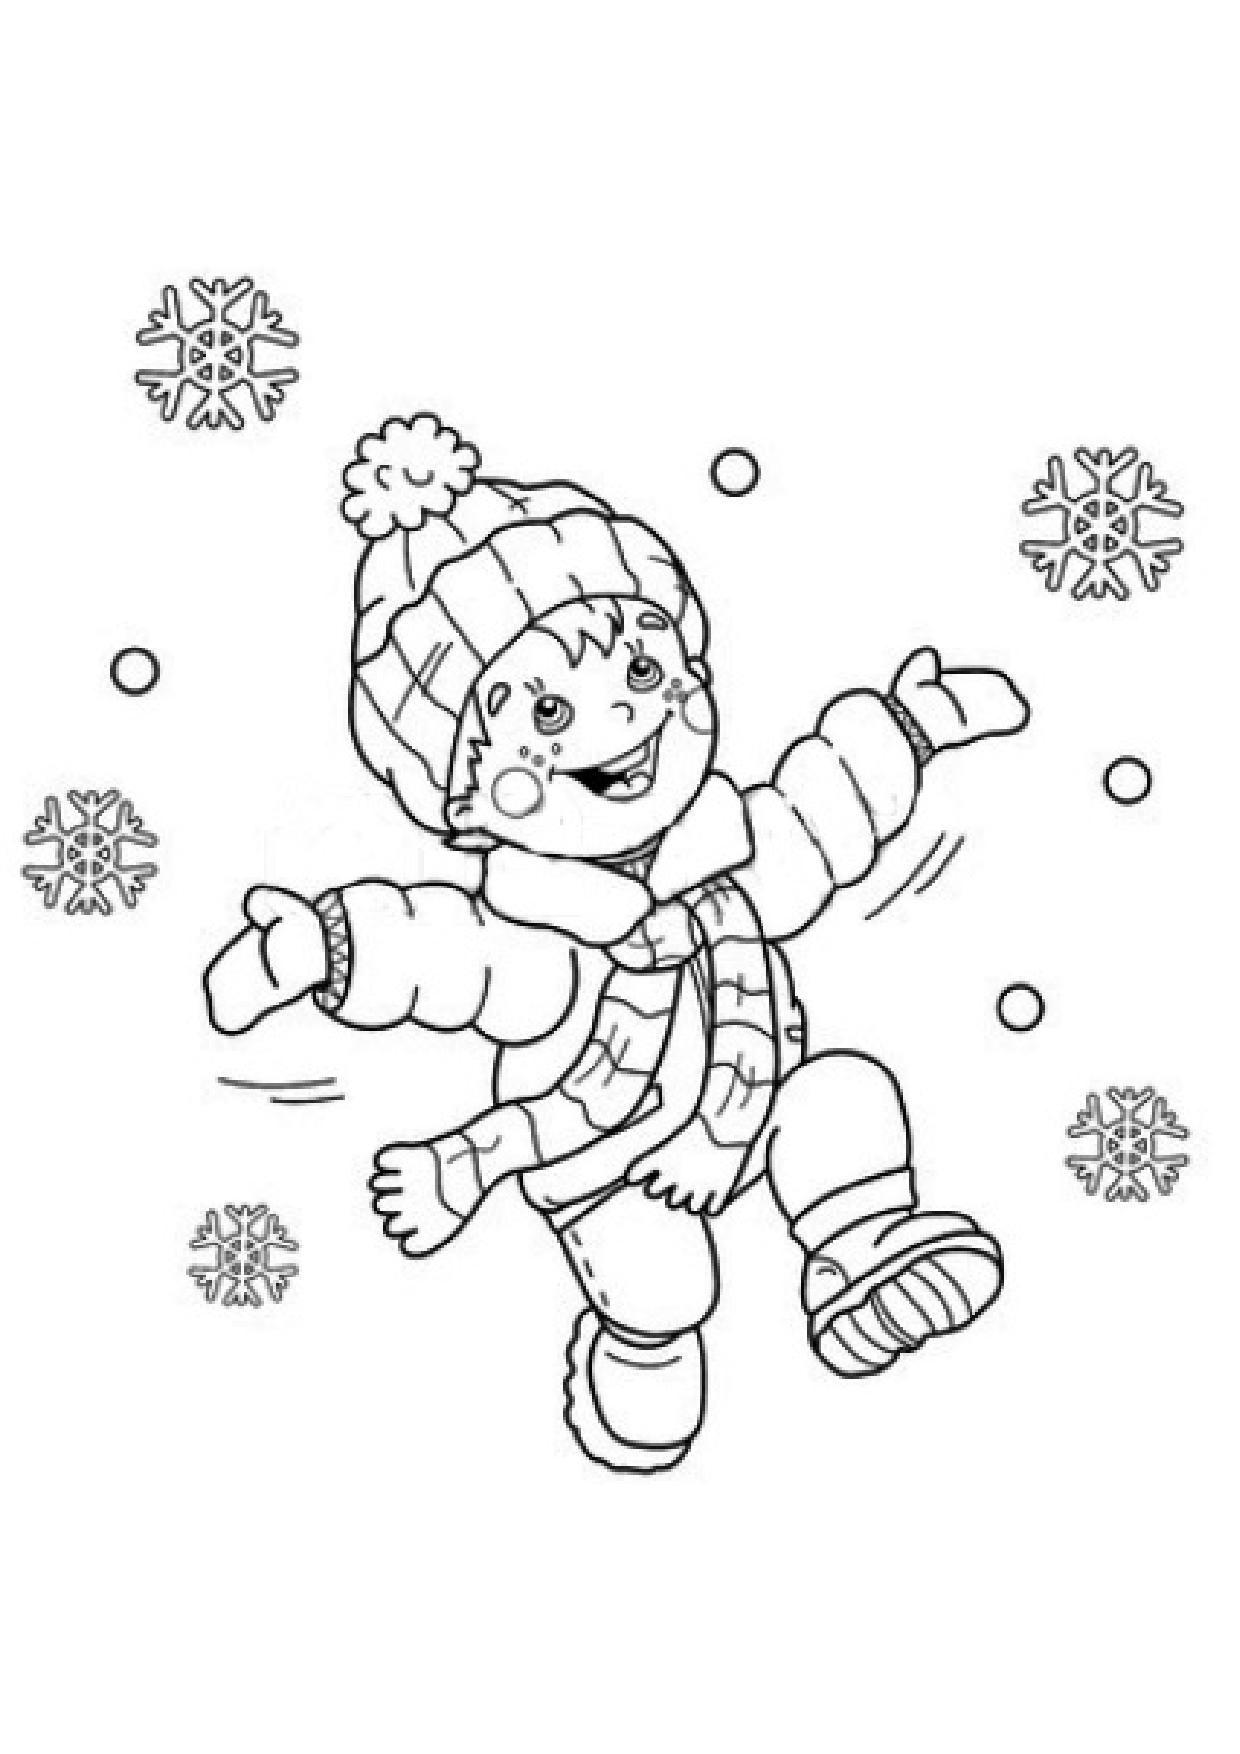 Coloriage Enfant Et Flocon De Neige